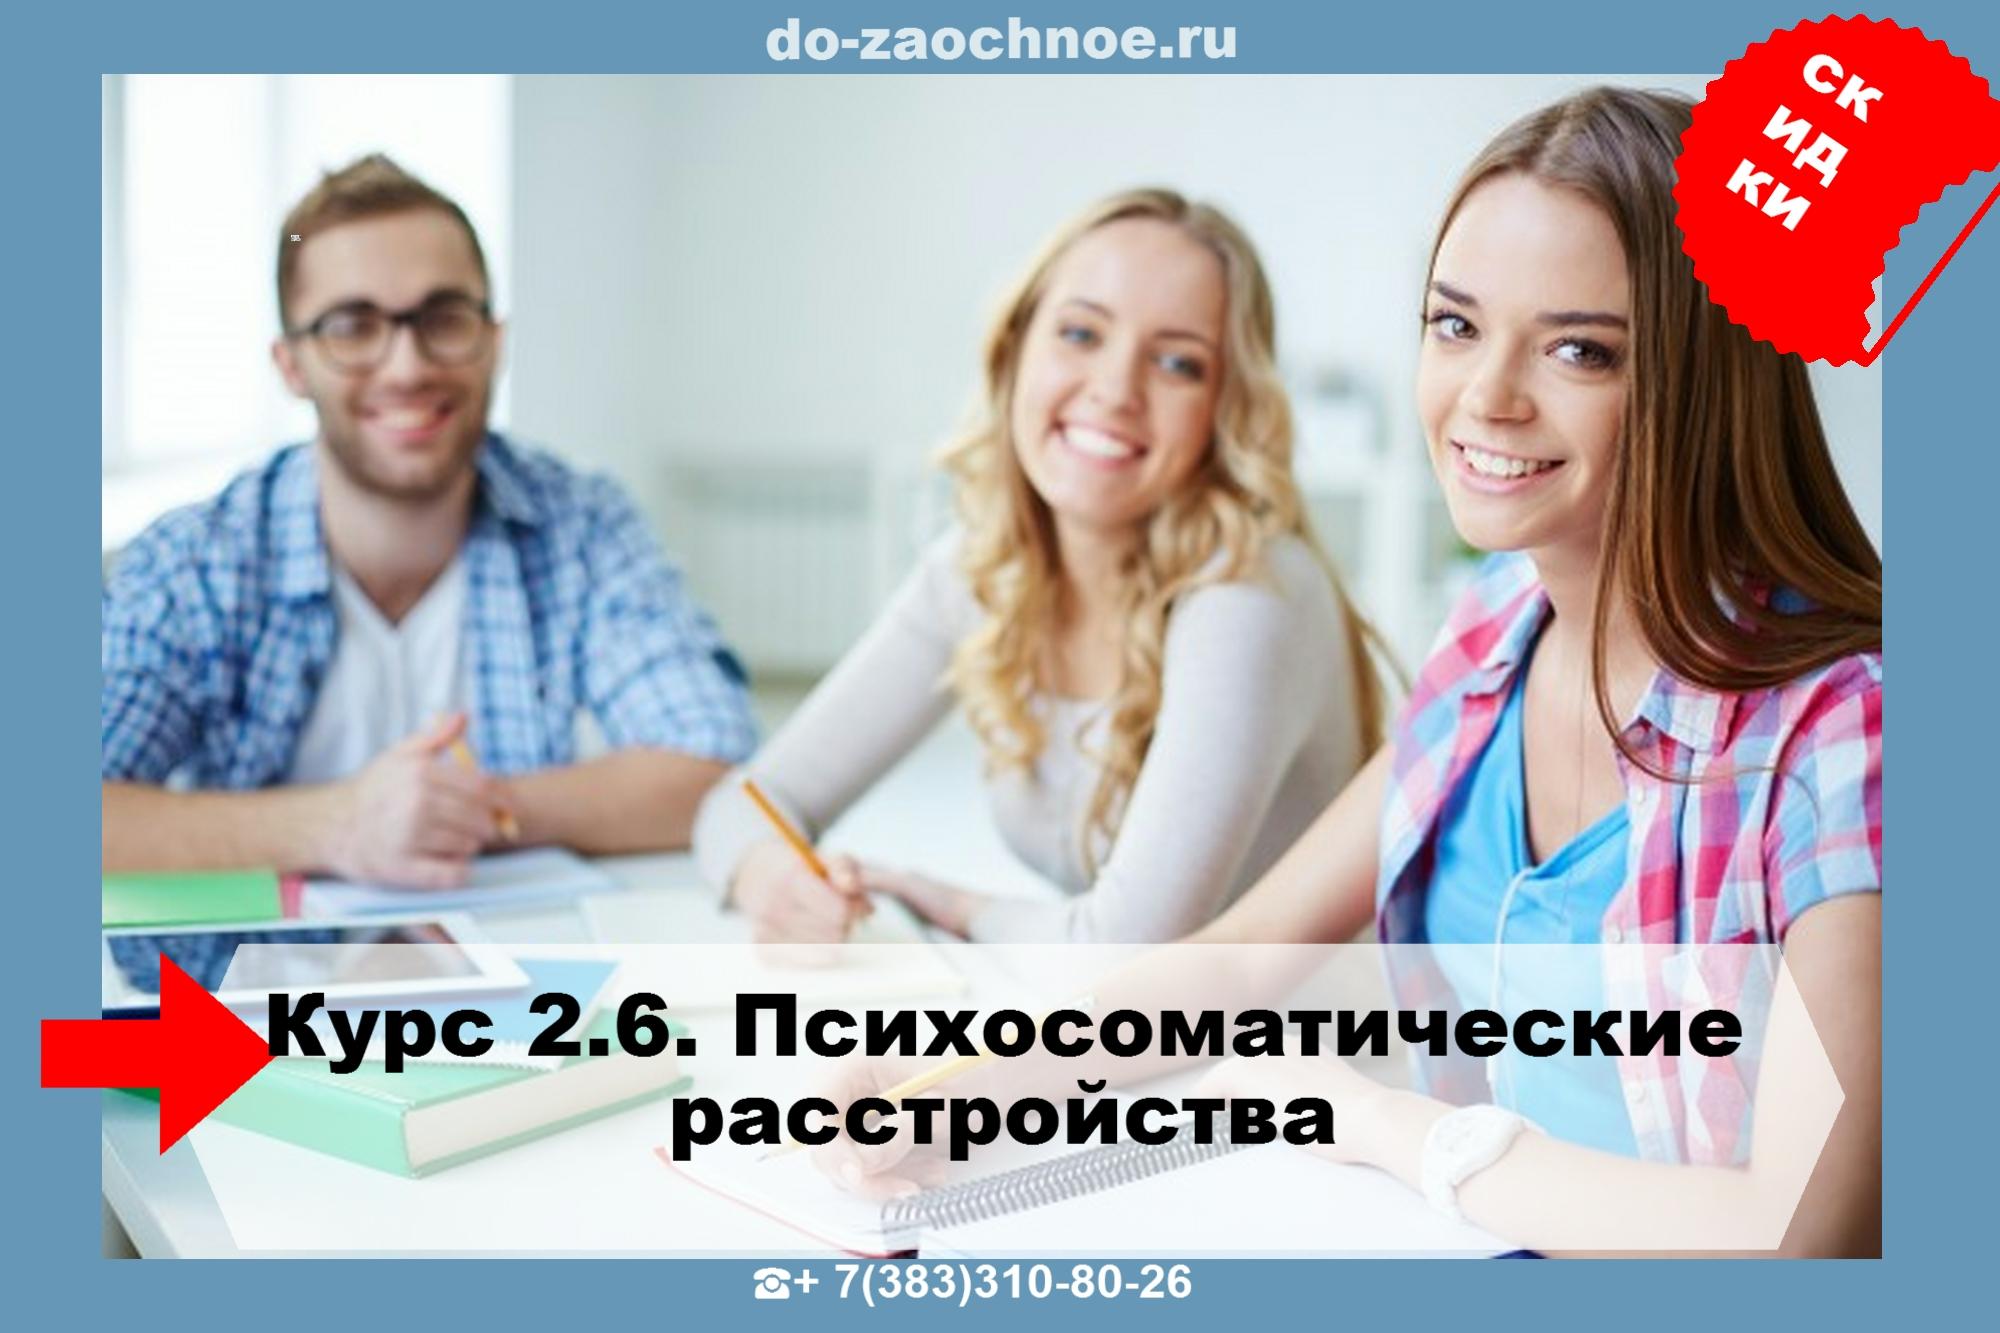 ИДПК дистанционные курсы Психосоматические расстройства на do-zaochnoe.ru тут!